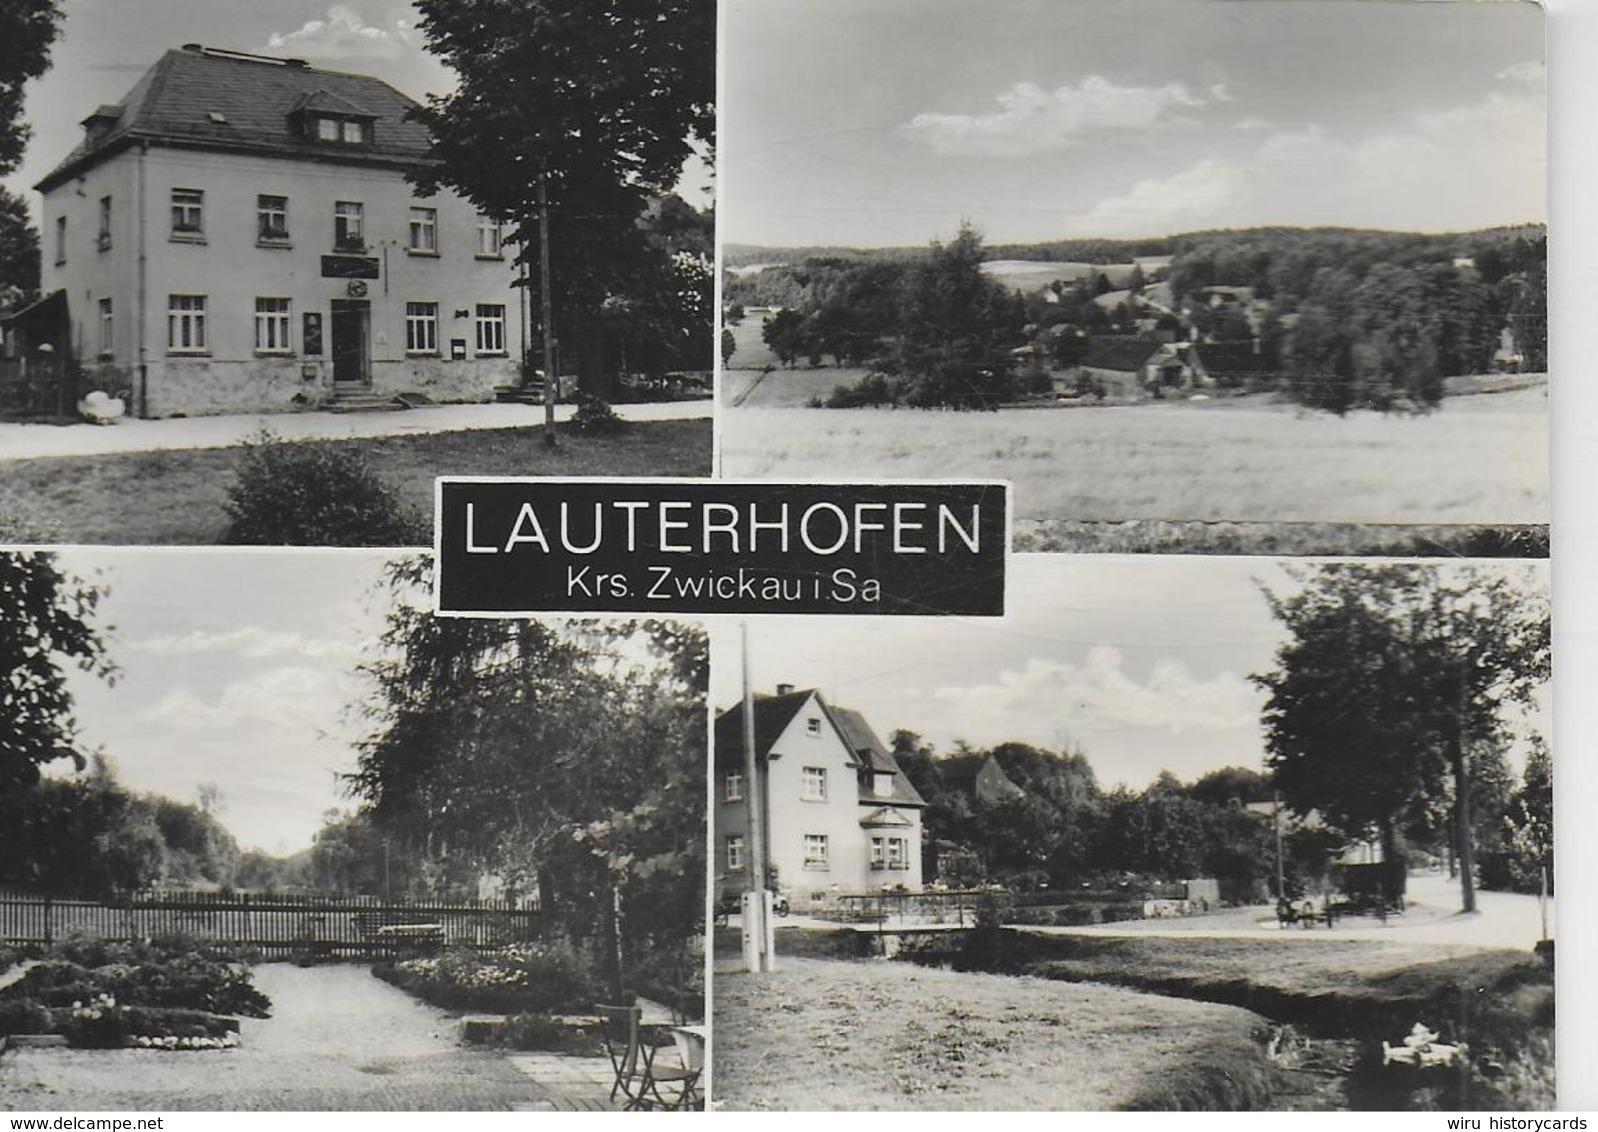 AK 0231  Lauterhofen ( Krs. Zwickau ) / Ostalgie , DDR Um 1967 - Zwickau